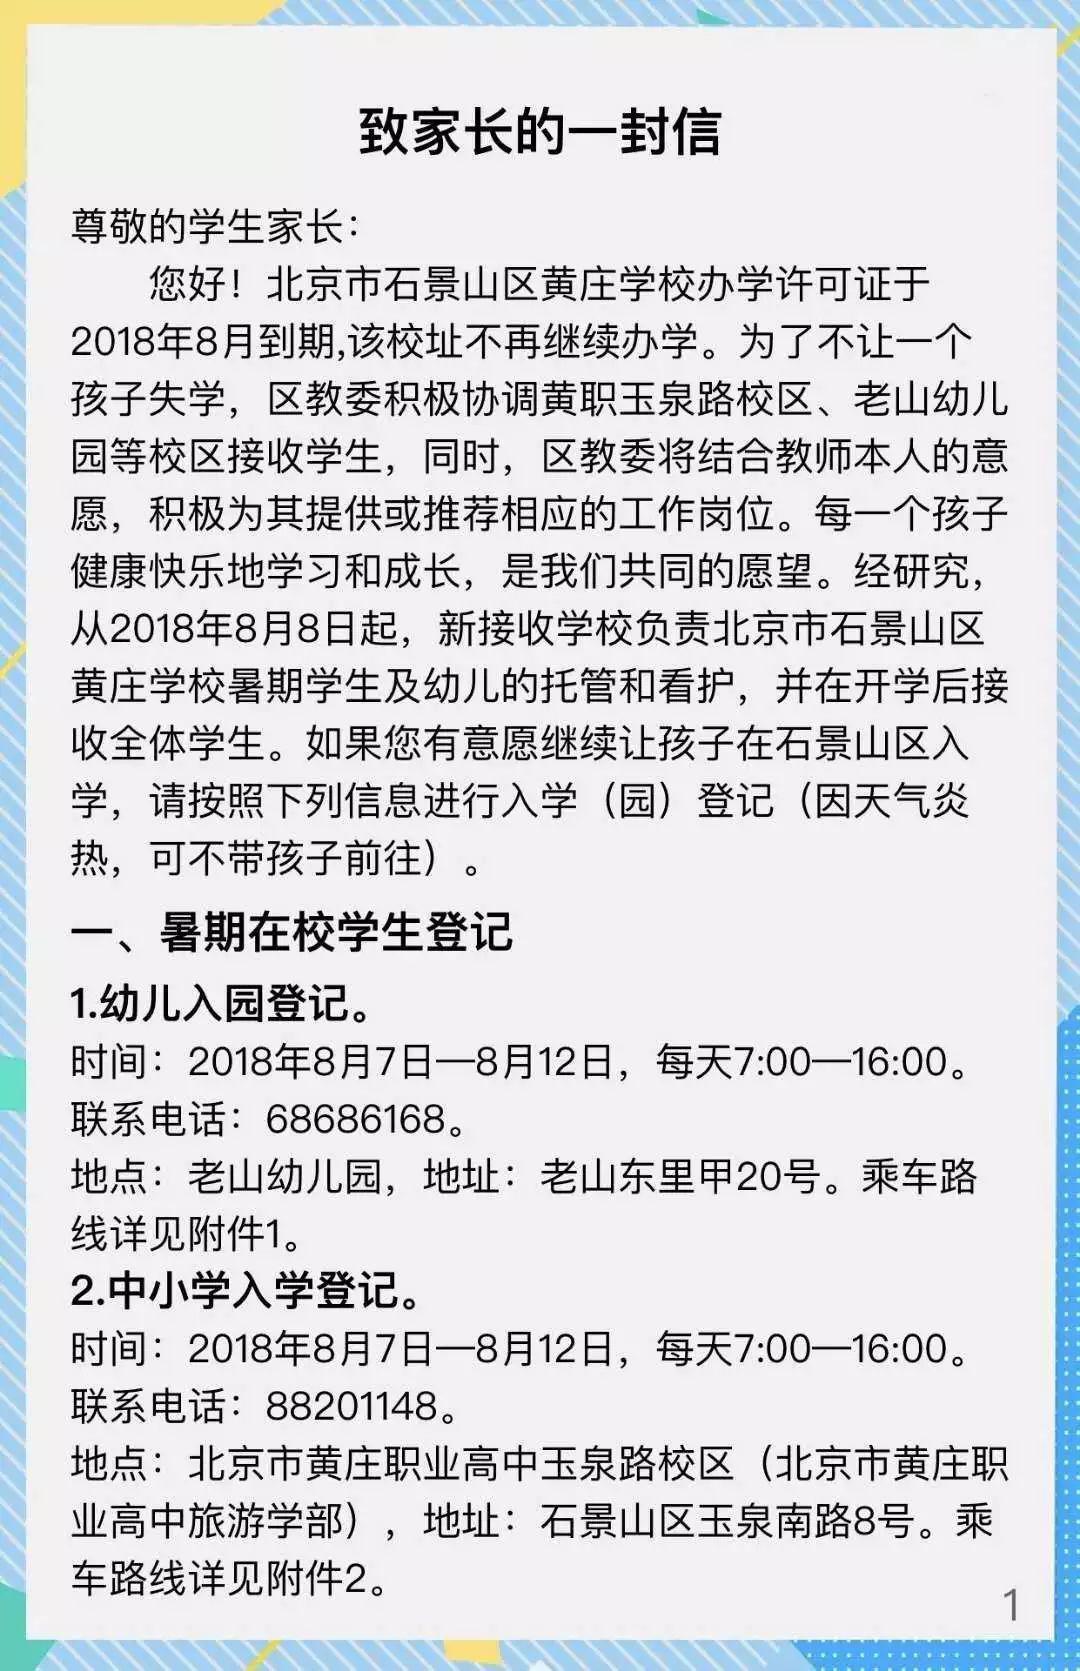 二十周年校庆刚过_北京最大打工子弟学校或将被拆_html_3b4581fb585d35d8